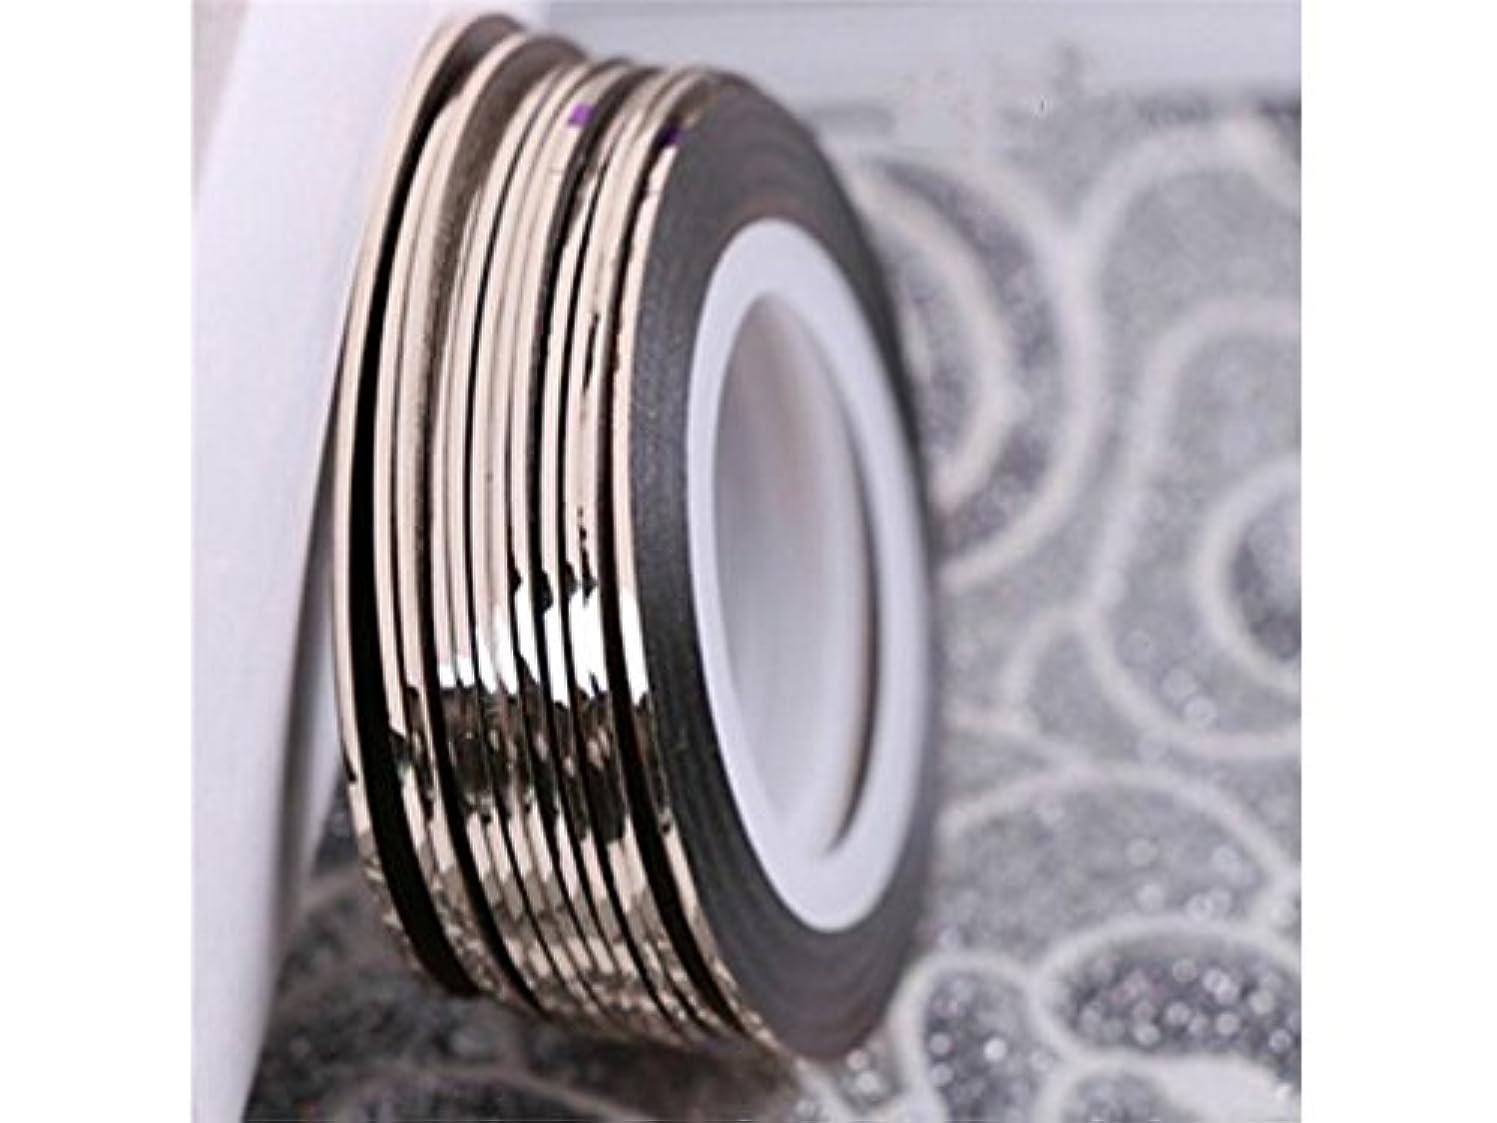 Osize 3Dクリスタルラインストーングリッターネイルアート装飾合金ネイルアートのヒントDIYネイルアート装飾アクセサリー(銅)